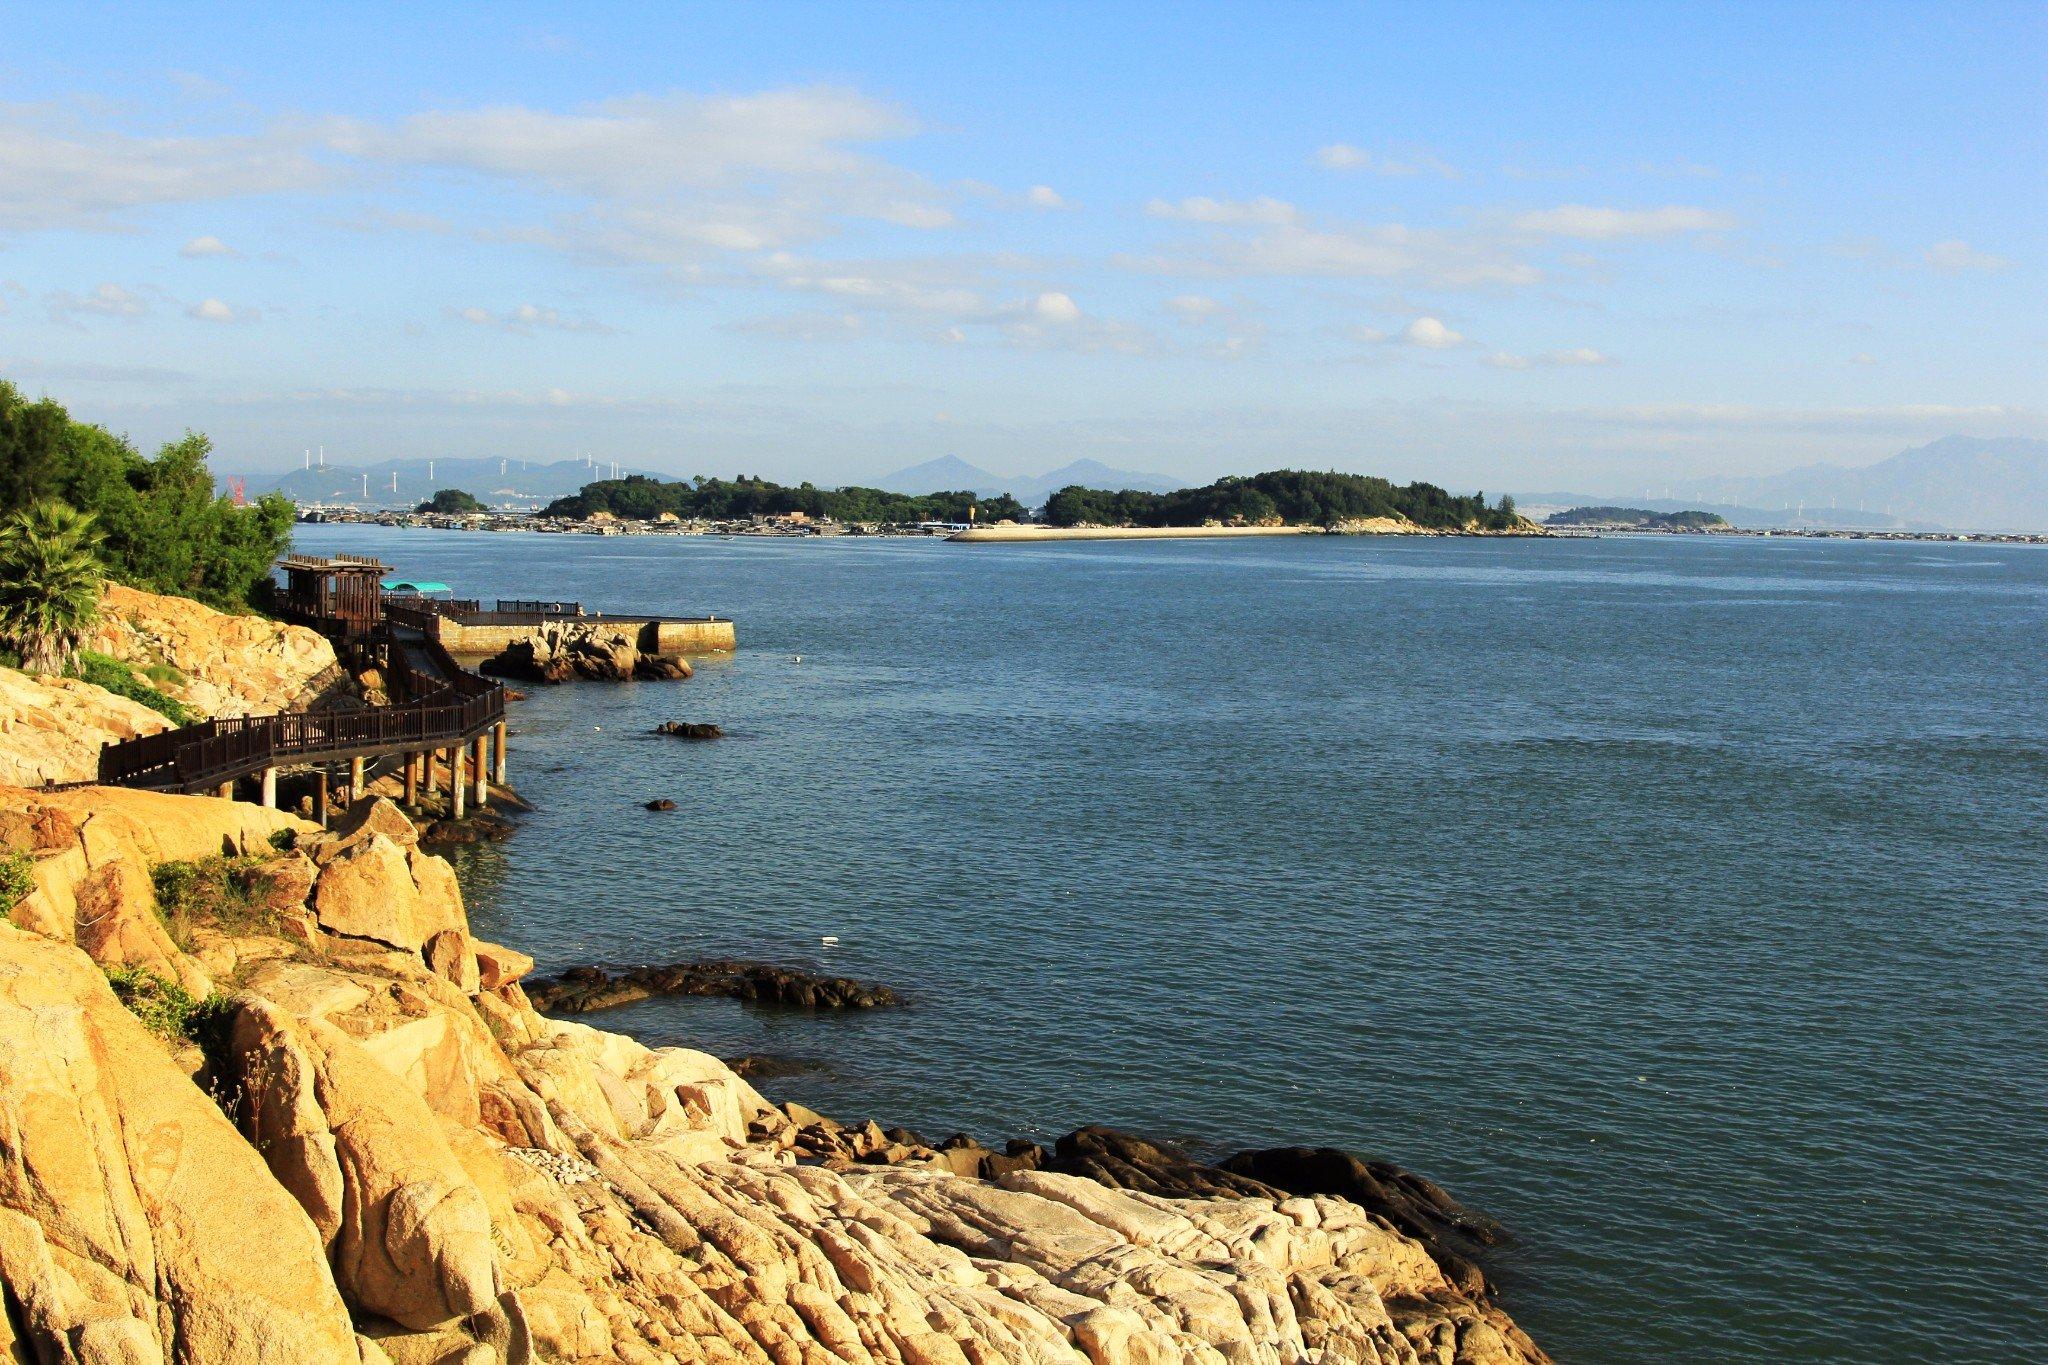 听风看海踏浪而行,赶在台风之前去趟东山岛